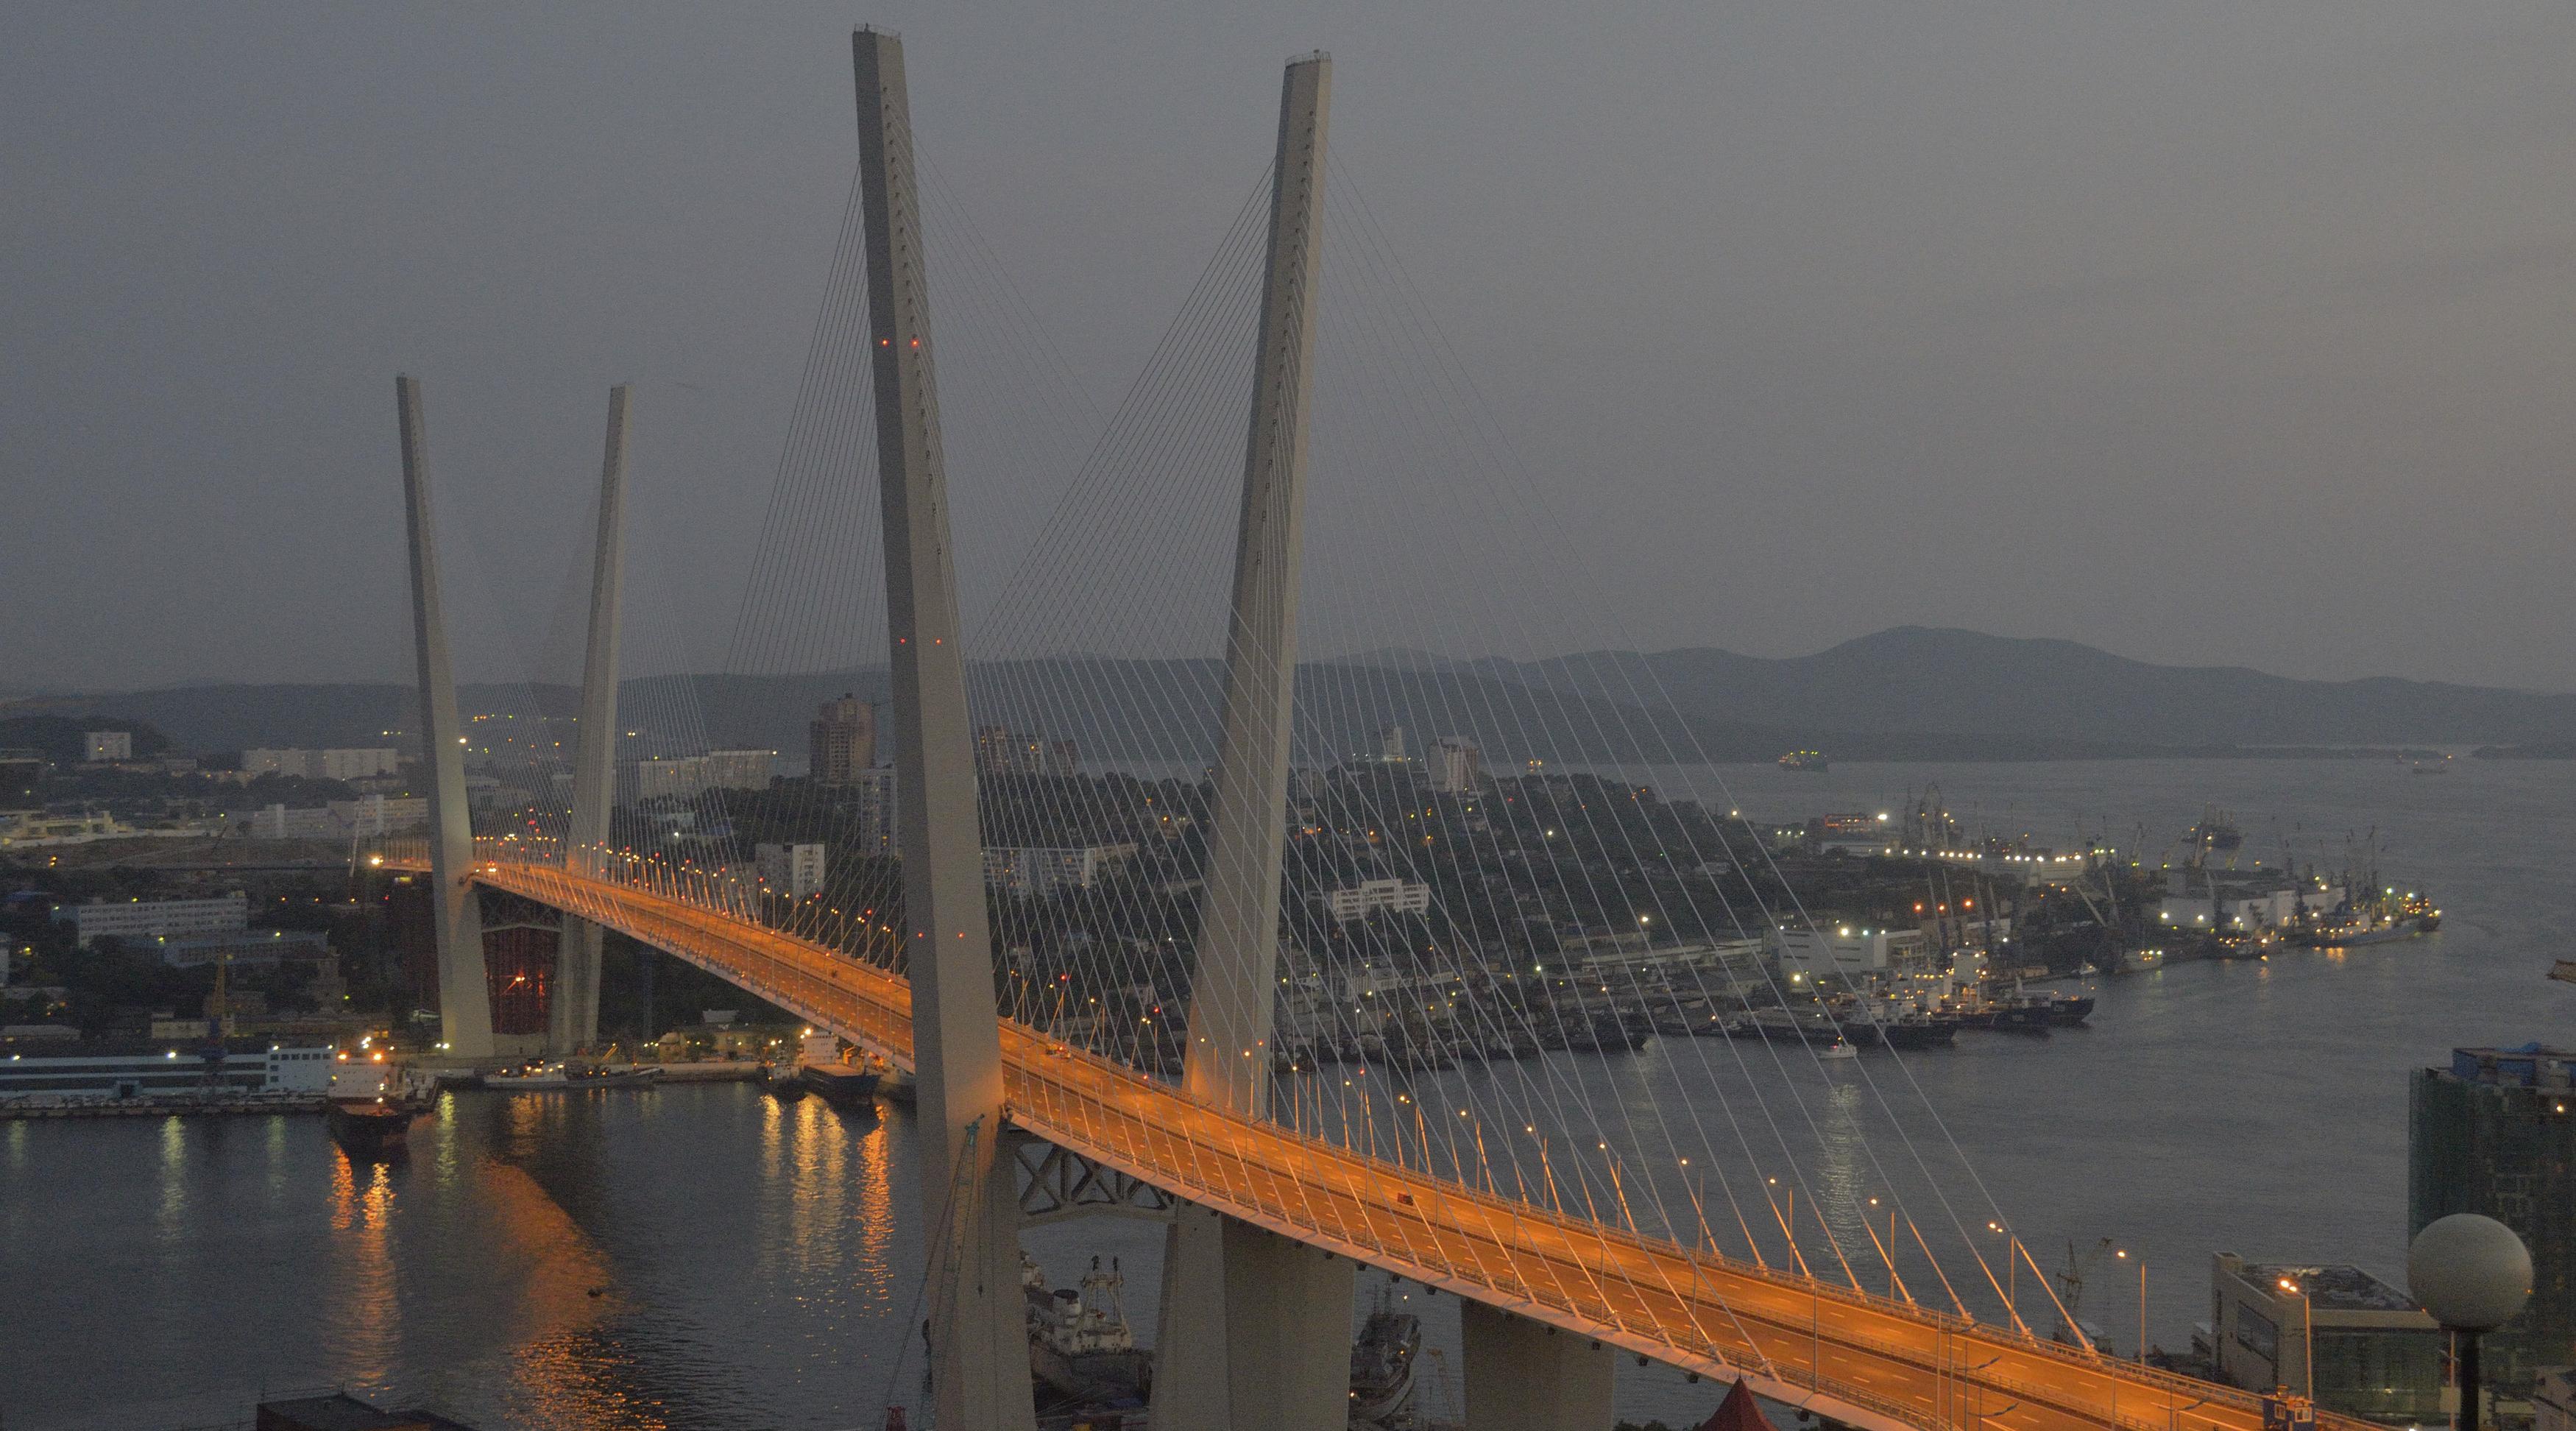 Немецкие компании заинтересовались проектами на российском Дальнем Востоке